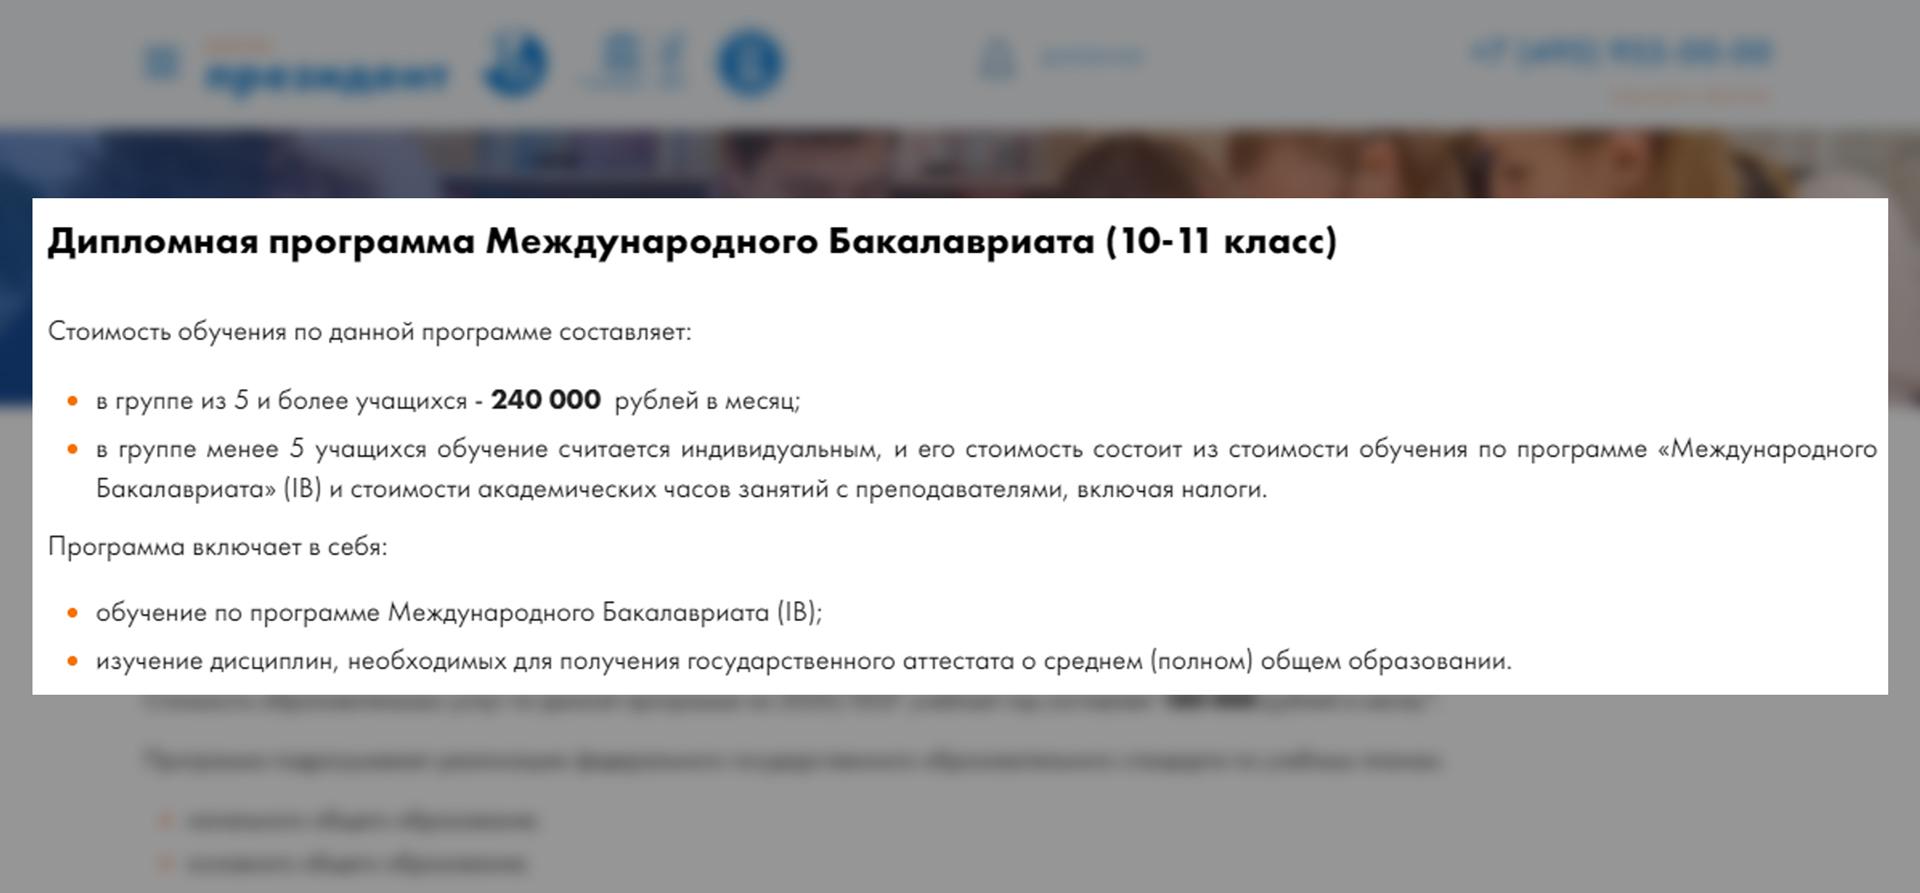 """Стоимость годового обучения в школе """"Президент"""" доходит до €240 000 в месяц (или 2 160 000 рублей в год по текущему курсу). © school-president.ru"""